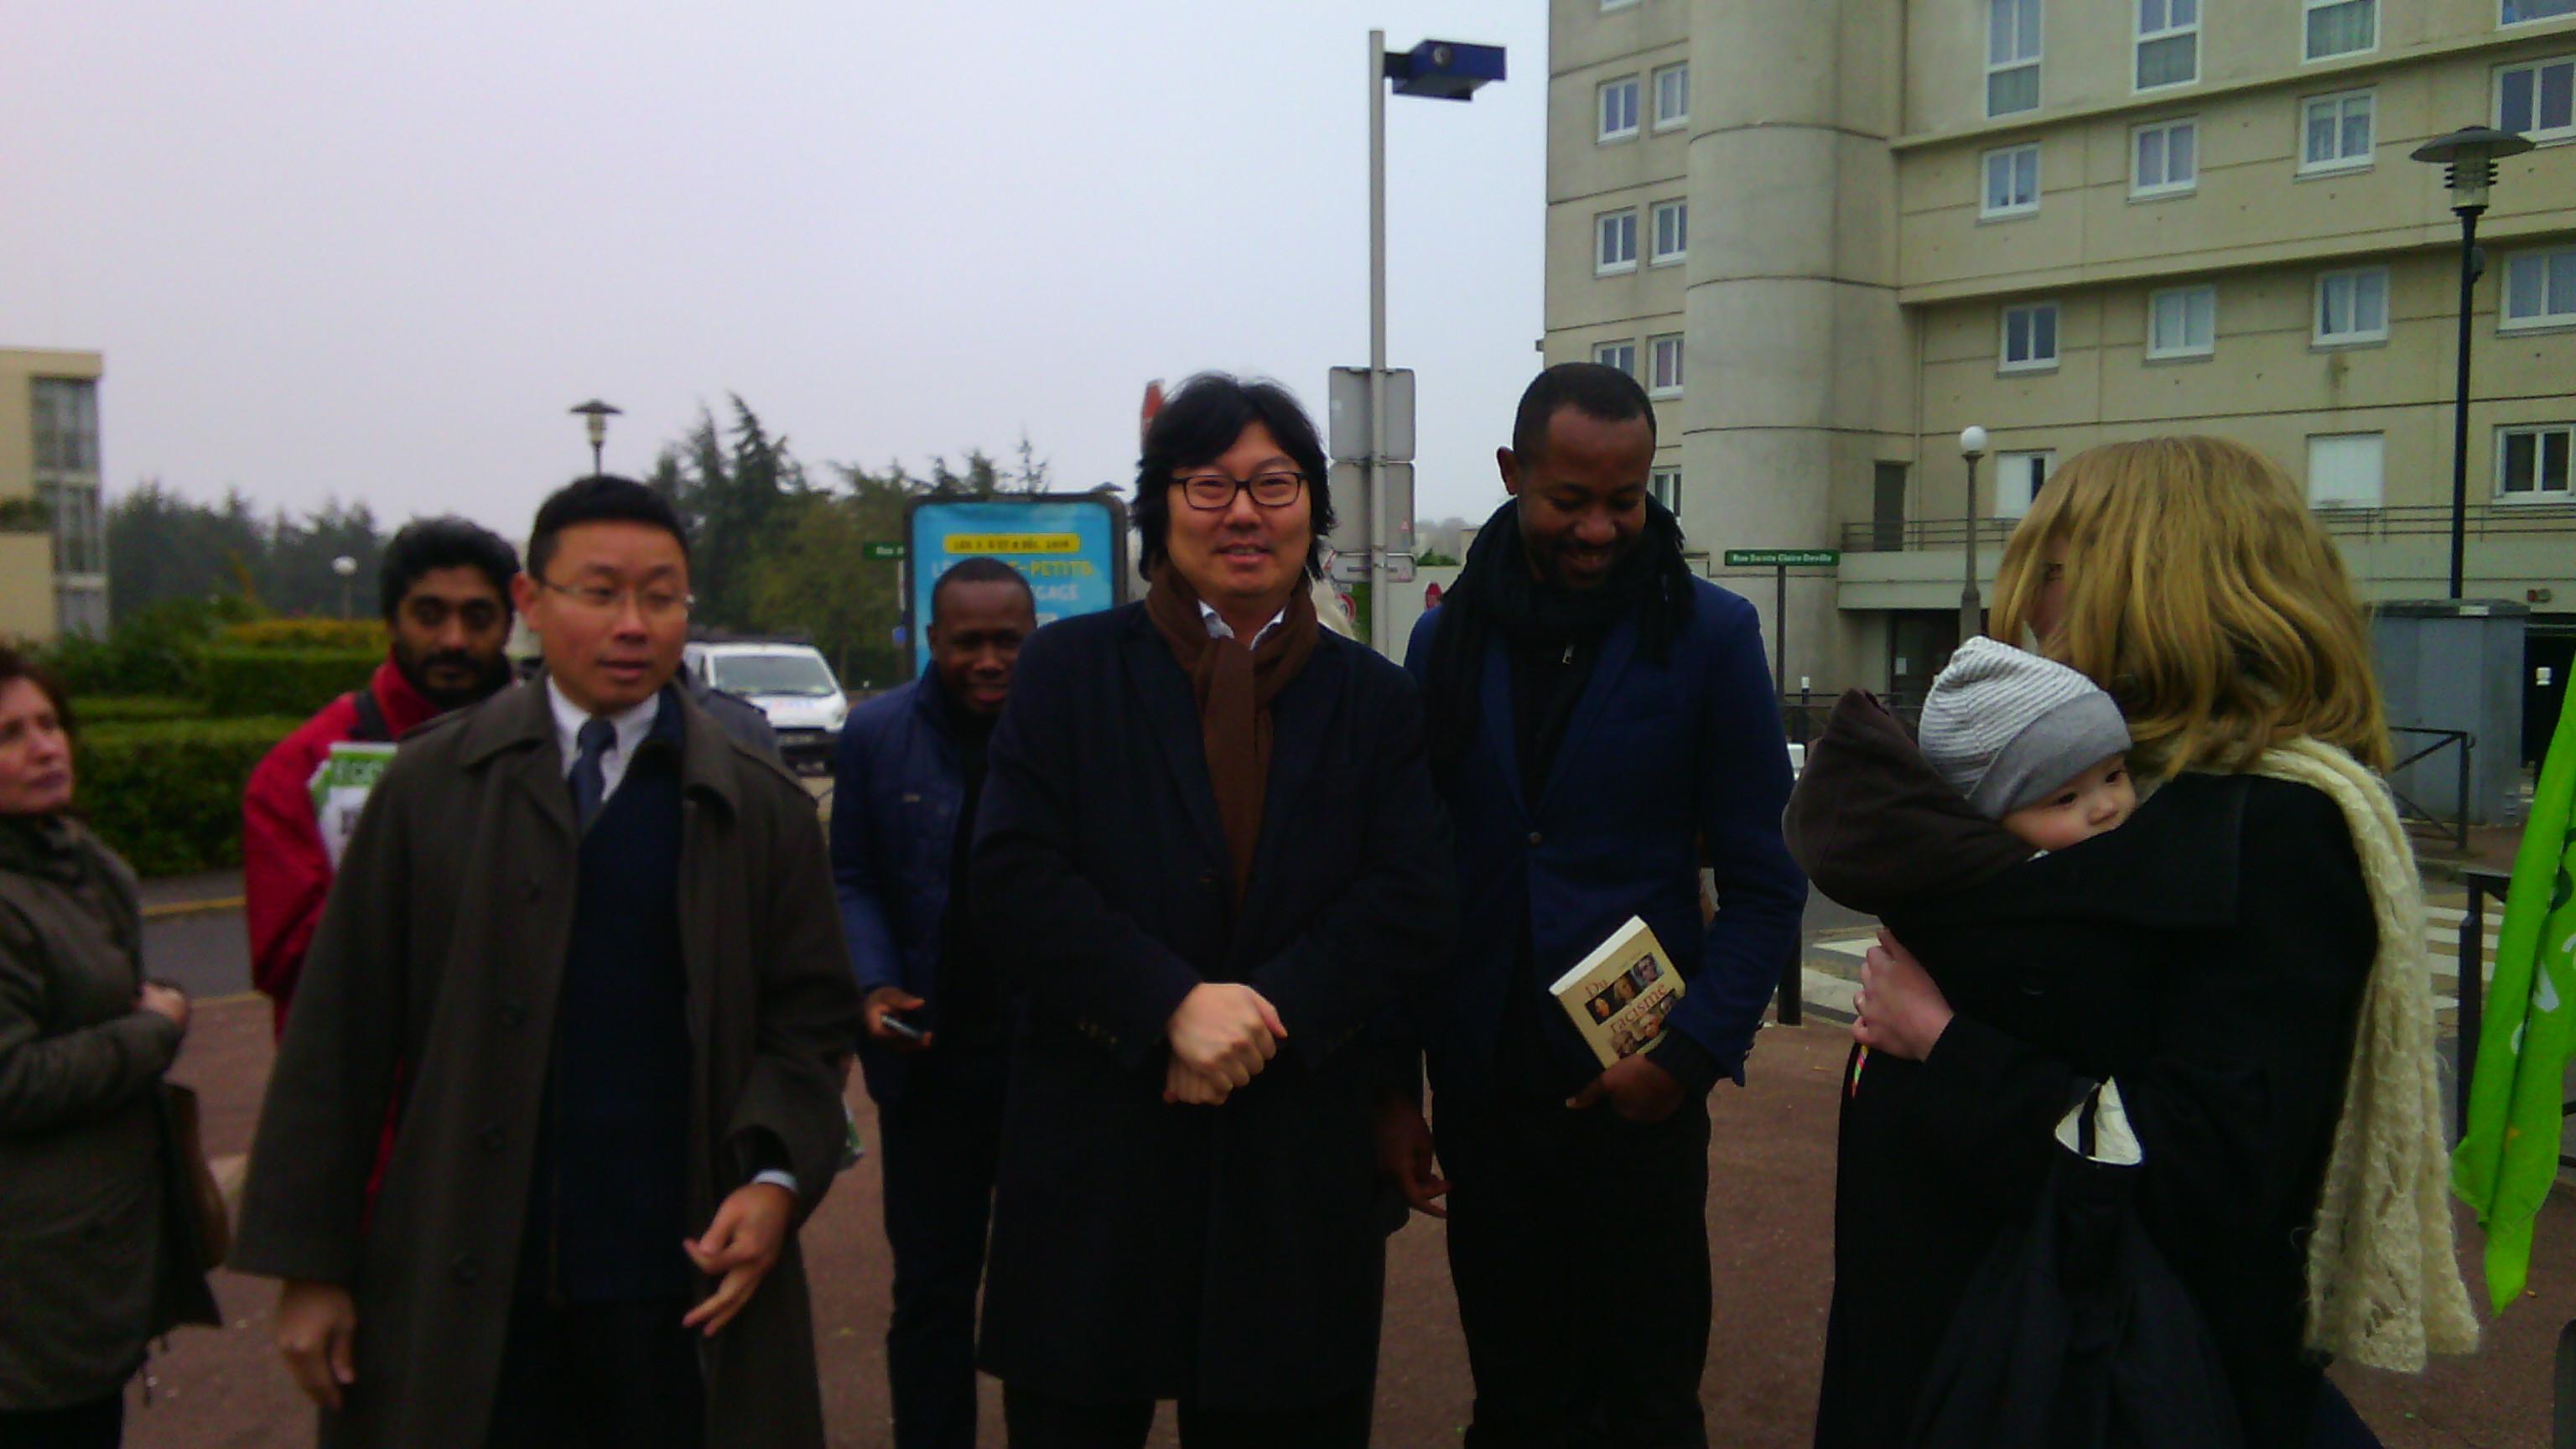 Cuong PHAM PHU et Jean-Vincent Placé à Lognes